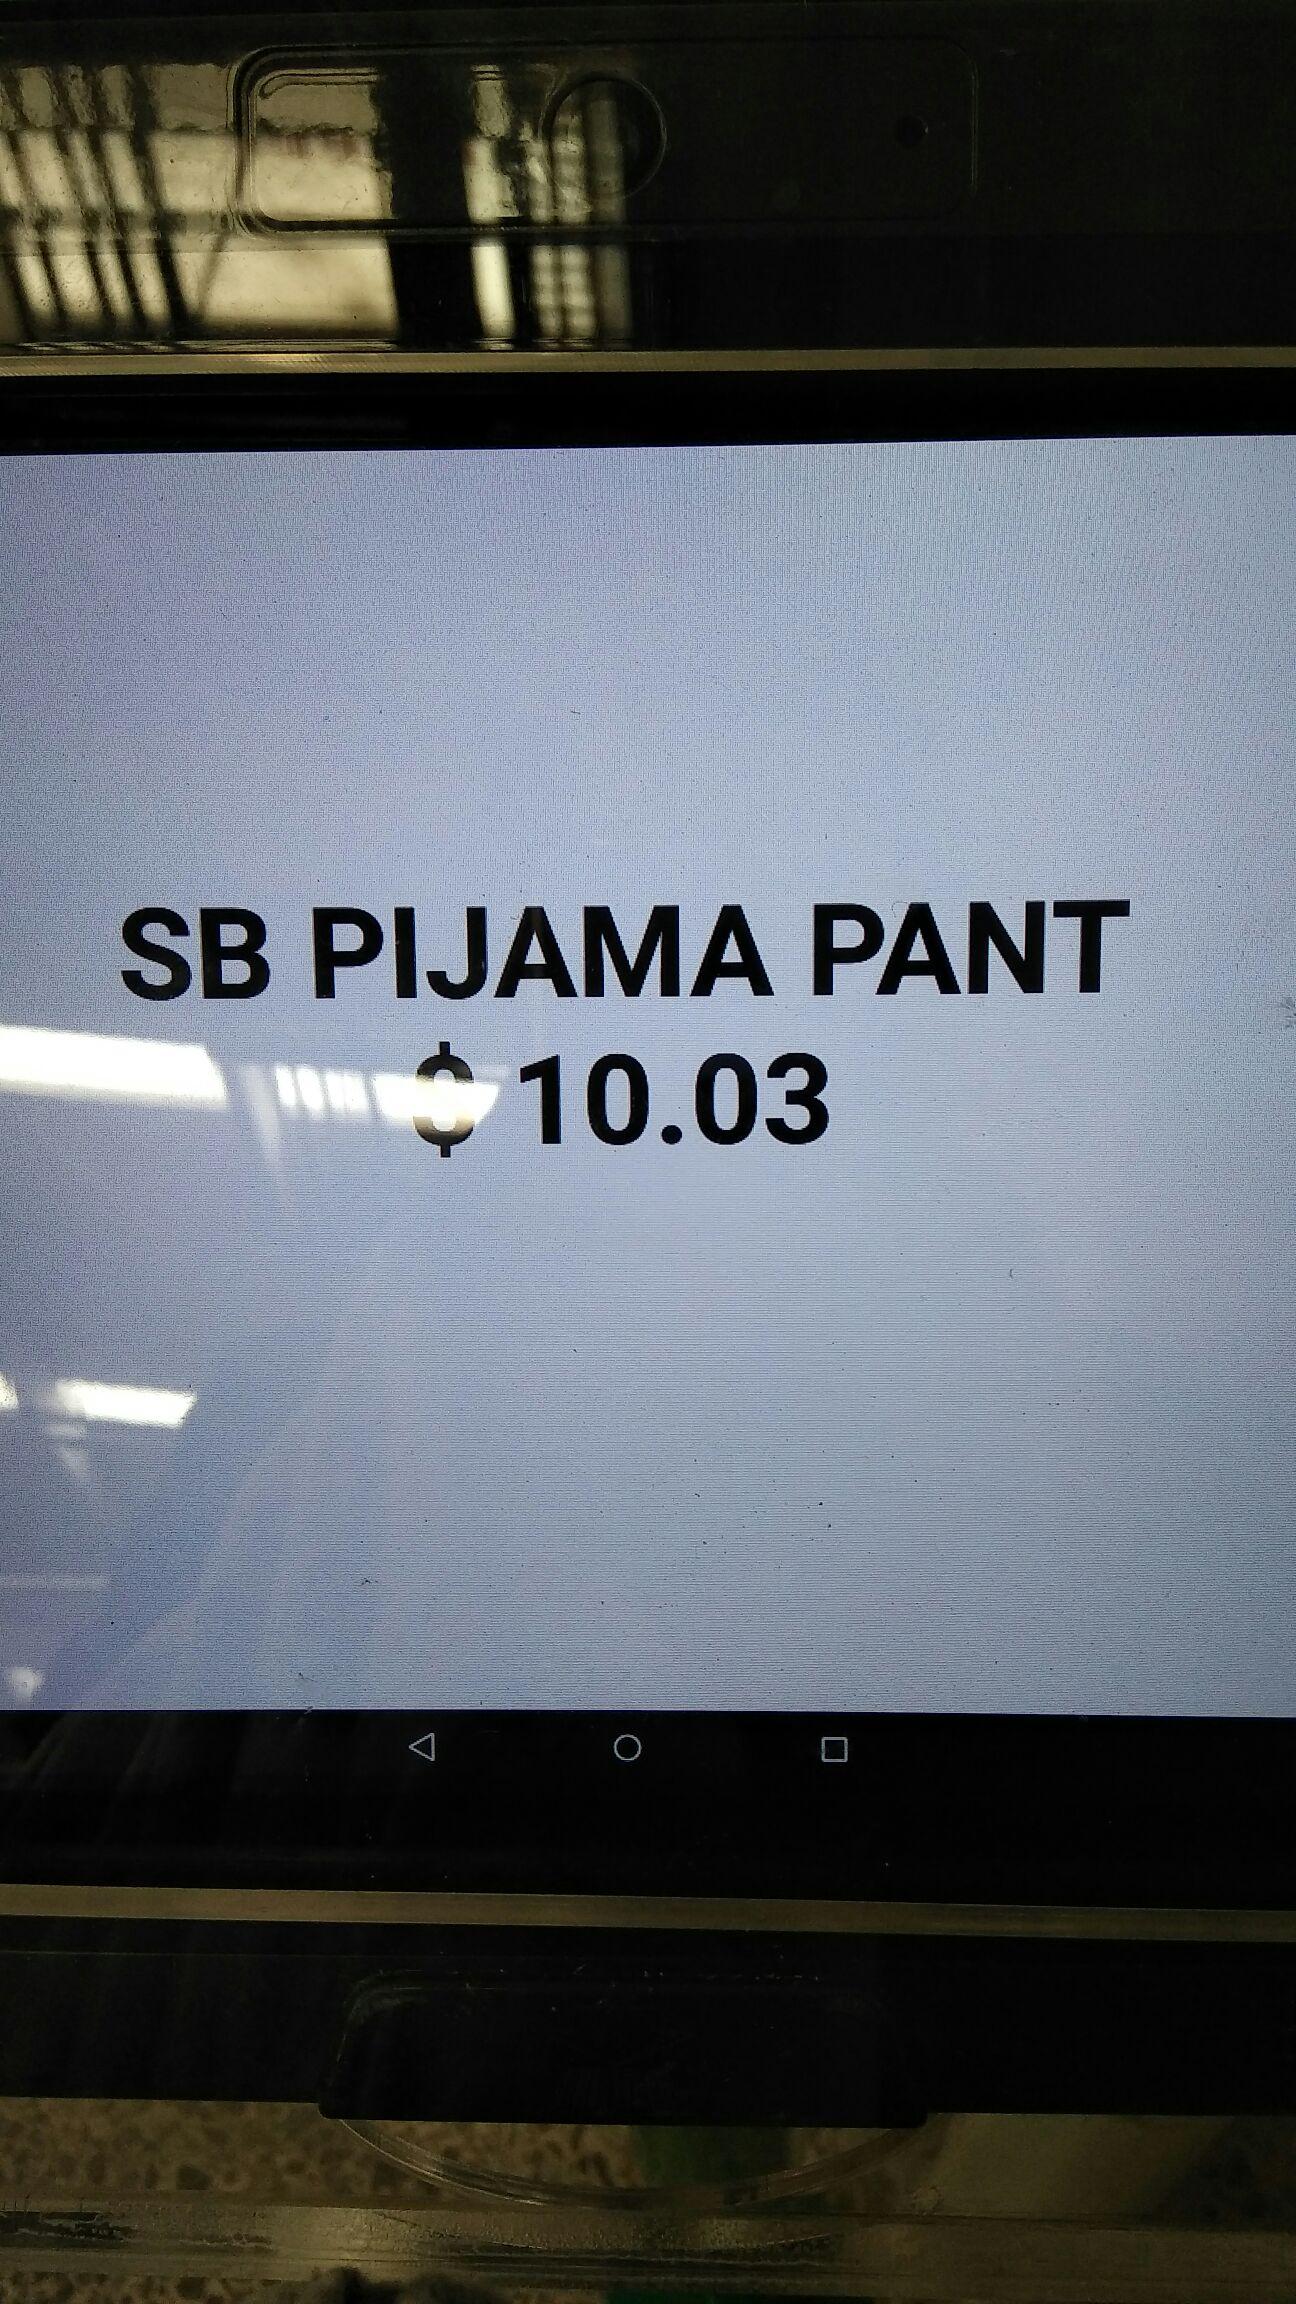 Bodega Aurrerá: Pantalon pijama